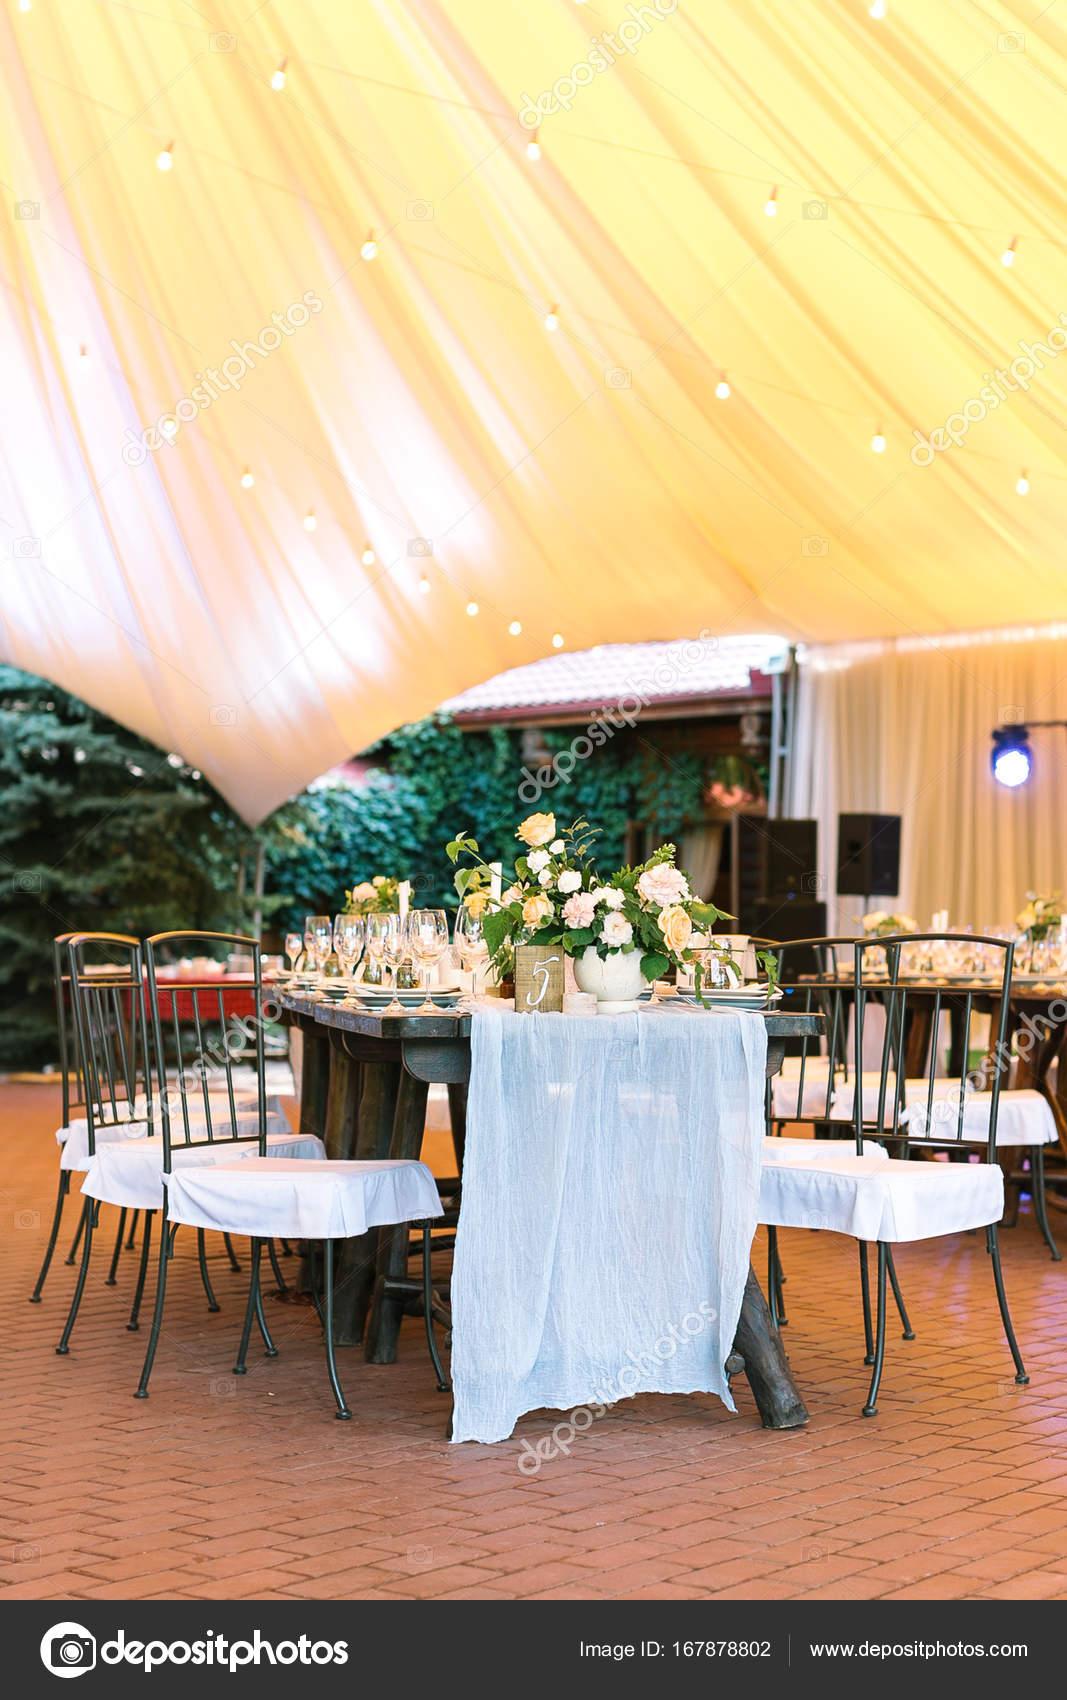 Stil, Dekoration, Urlaub Konzept. Langen Holztisch Erstellt Von Kleineren  Und Bequeme Stühle Angeordnet